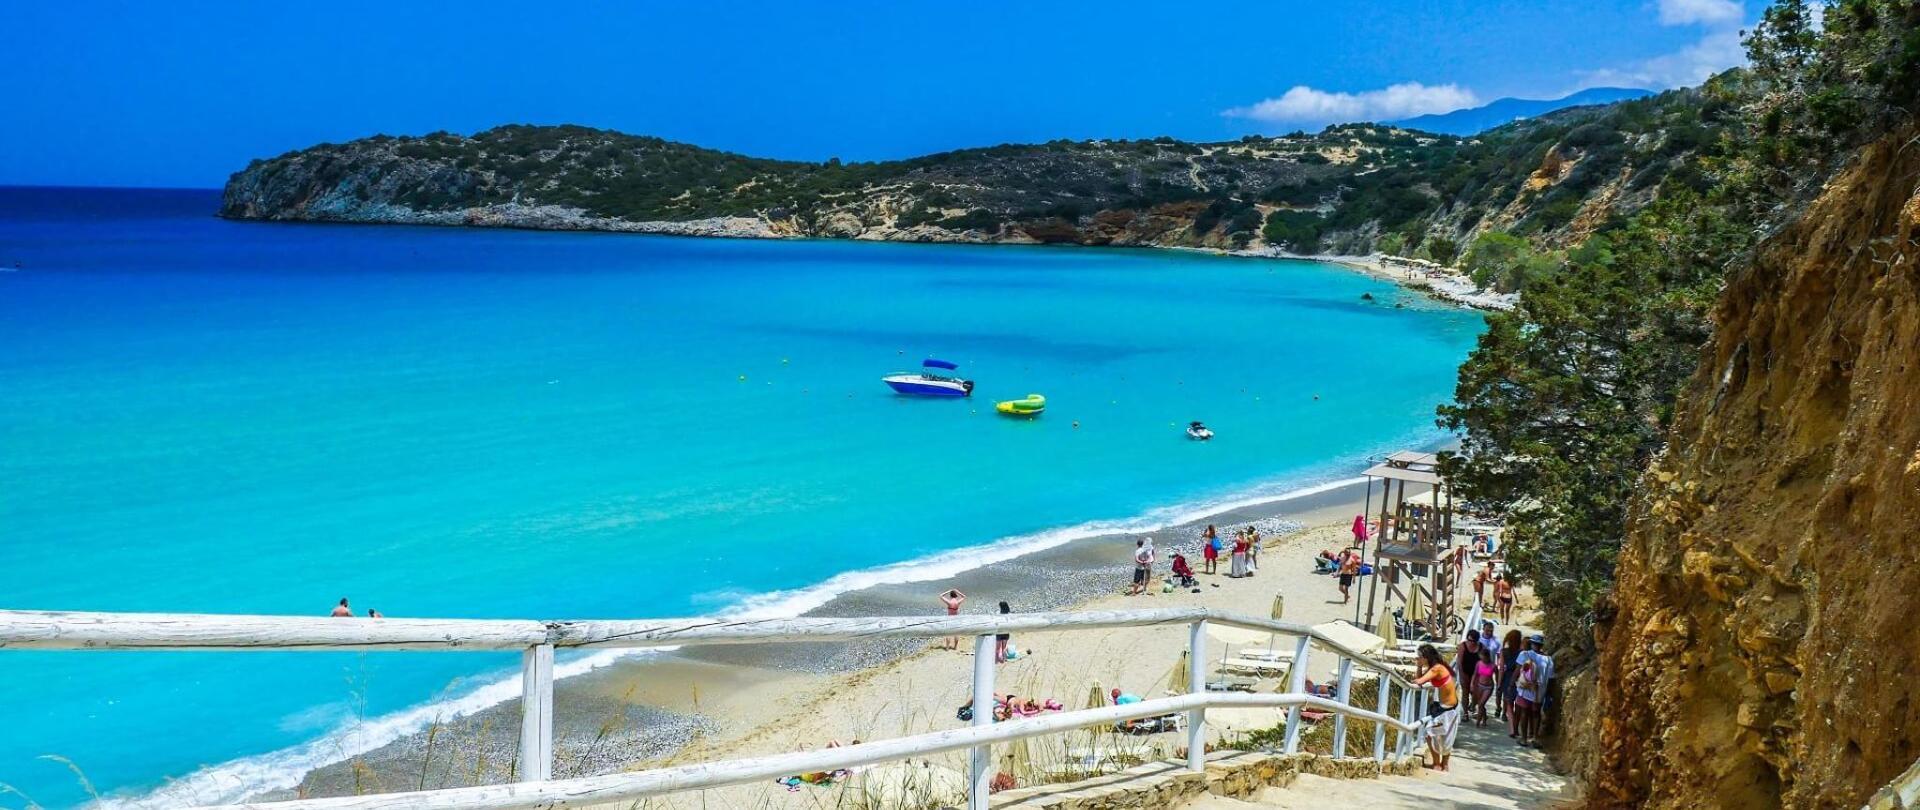 Voulisma-Beach-Agios-Nikolaos.jpg